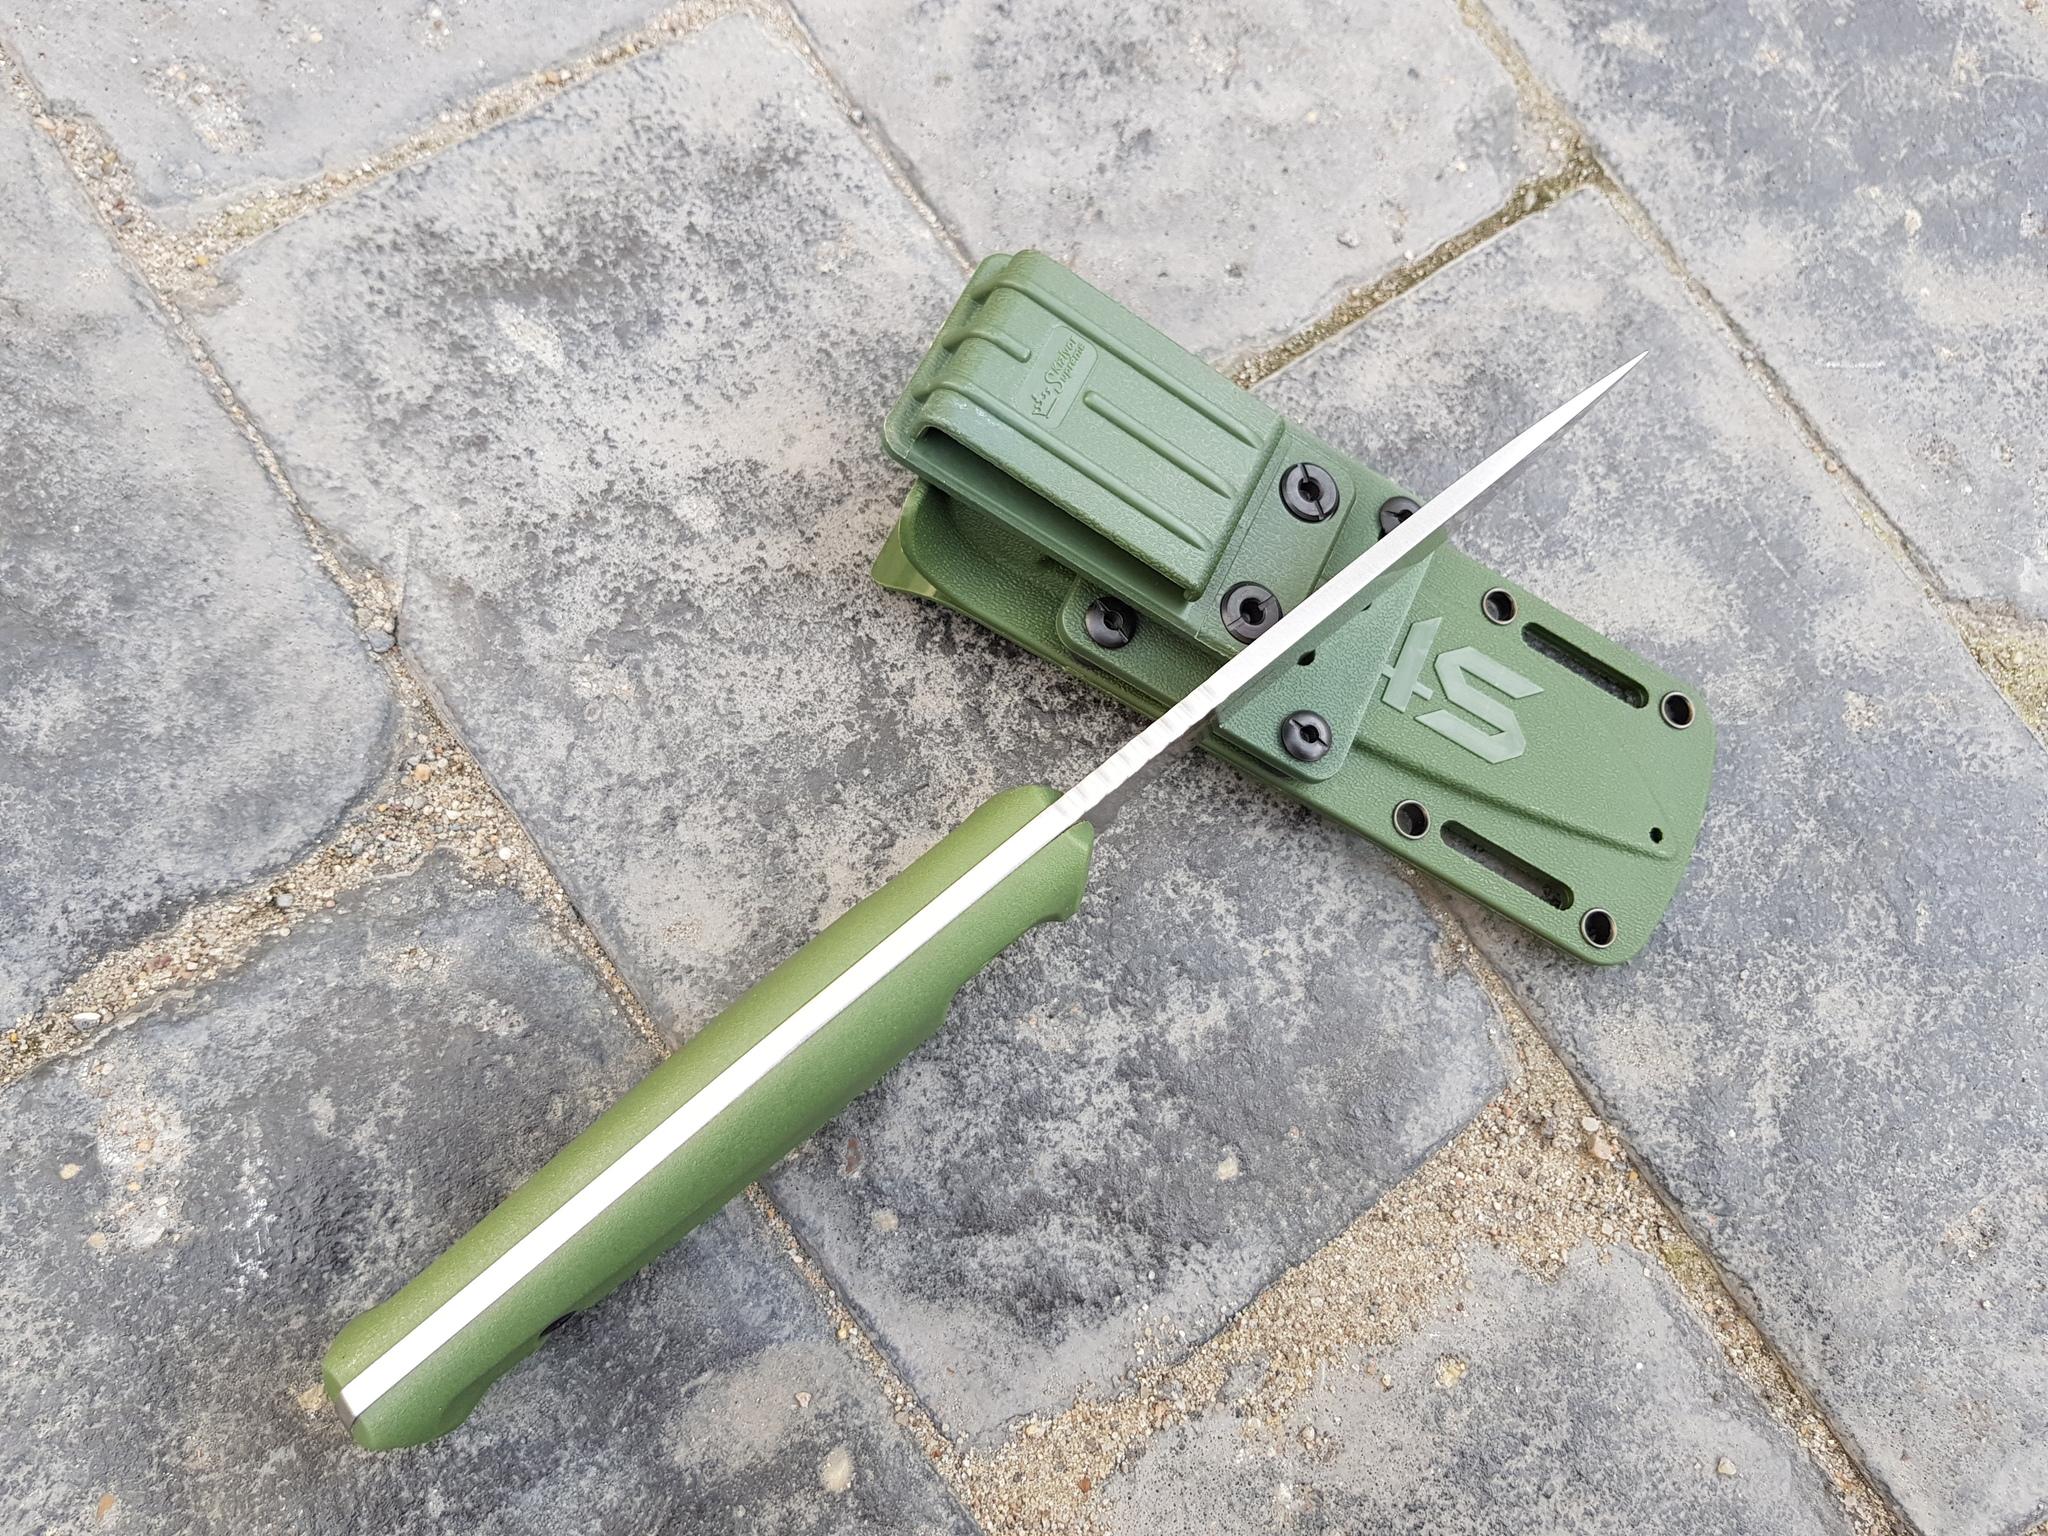 Фото 13 - Тактический нож Sturm AUS-8 S BS SW олива, Кизляр от Kizlyar Supreme